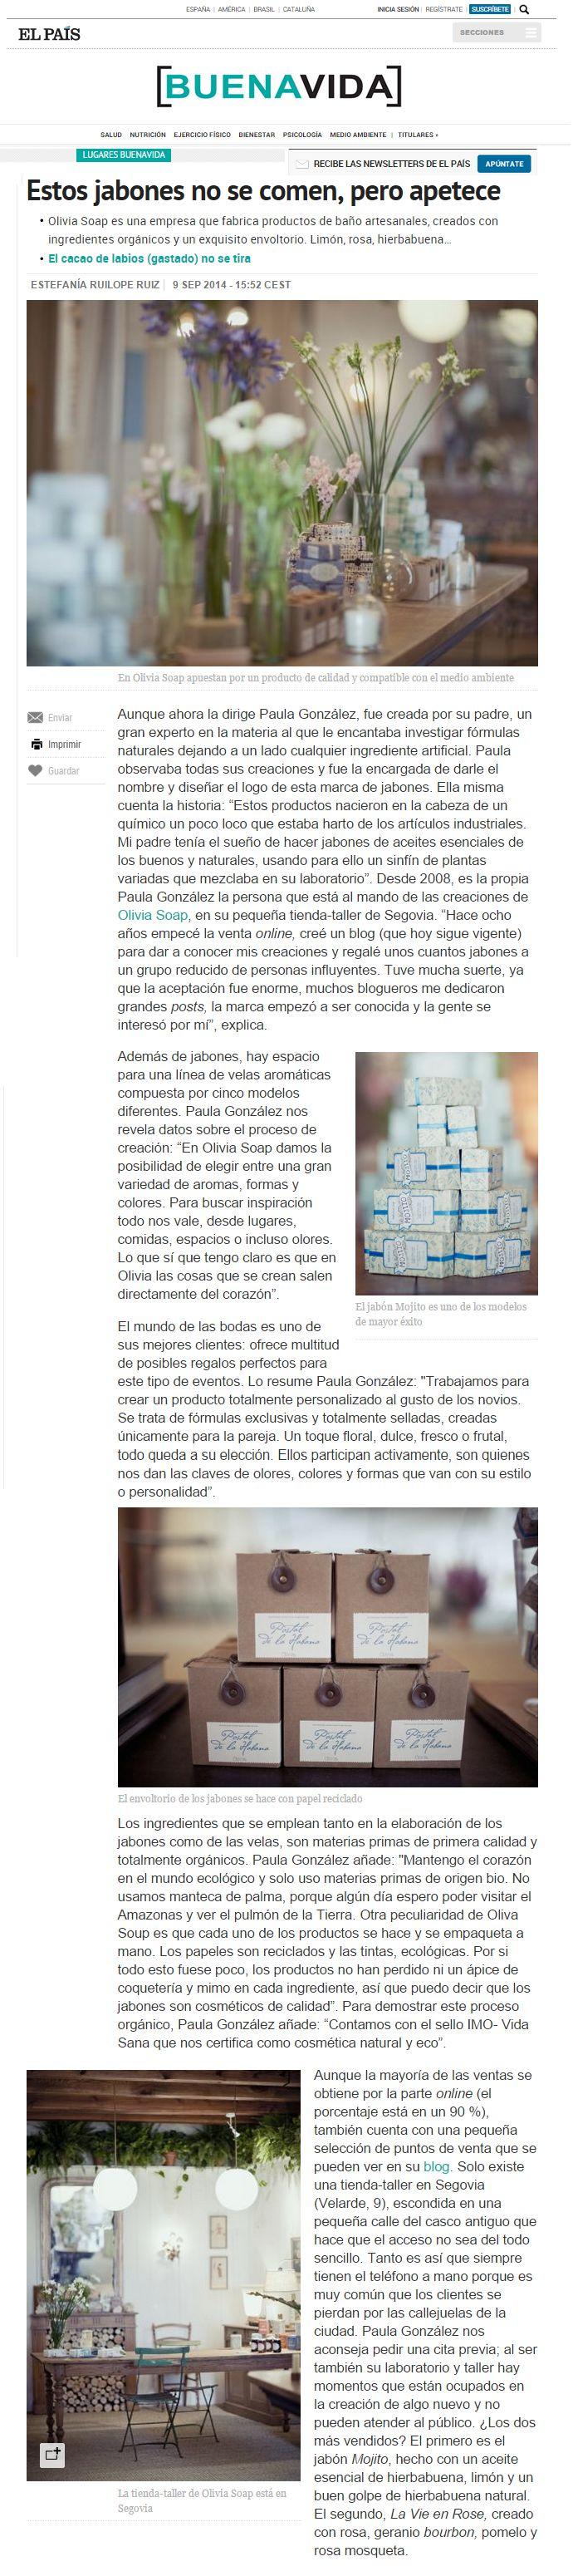 """Buenavida de El País, 9 de septiembre de 2014. """"Estos jabones no se comen, pero apetece"""", por Estefanía Ruilope Ruiz. http://elpais.com/elpais/2014/09/08/buenavida/1410188533_647817.html"""